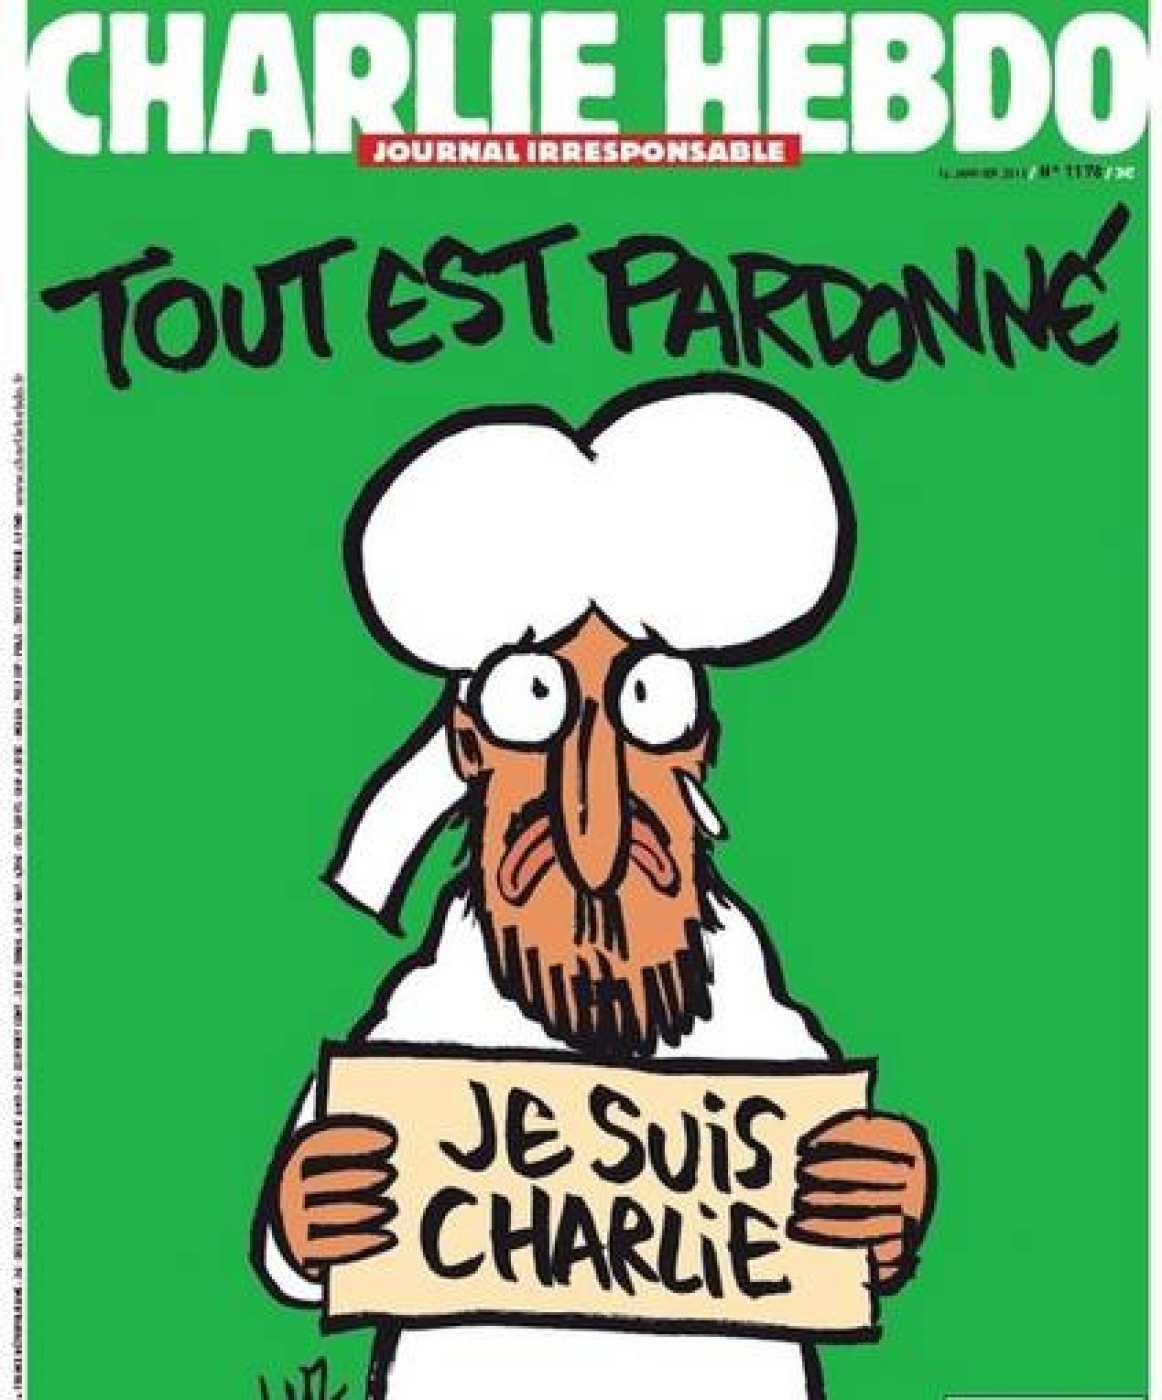 """El director de 'Charlie Hebdo' renuncia a dibujar a Mahoma: """"Ya no me  interesa. Me he cansado"""" - RTVE.es"""